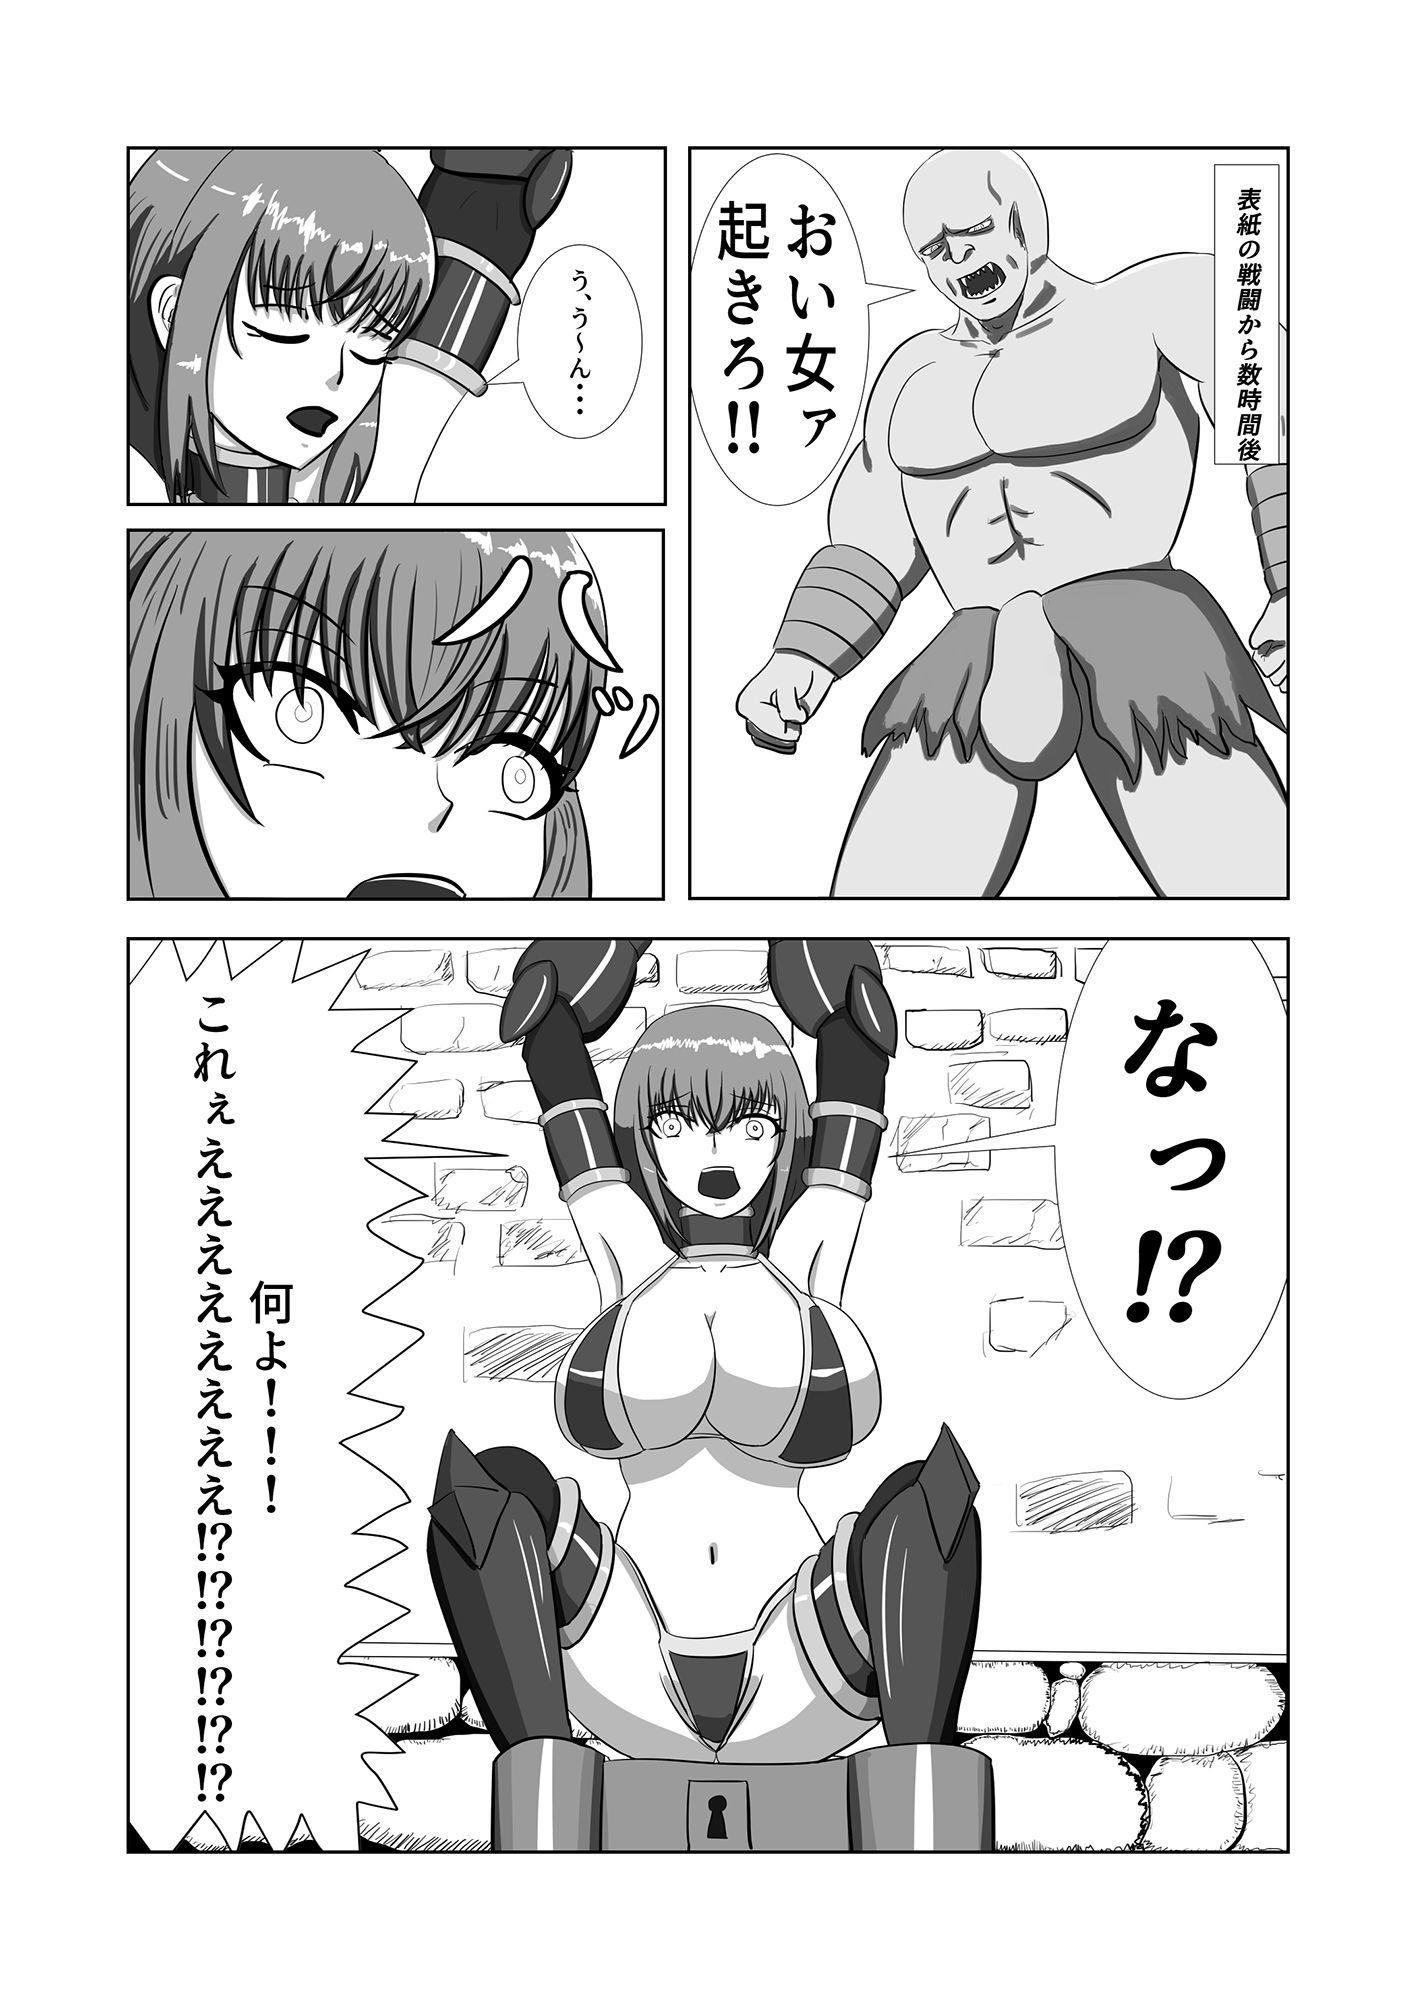 女戦士VSオーク 女戦士敗北 屈辱の種付け陵辱!!!!